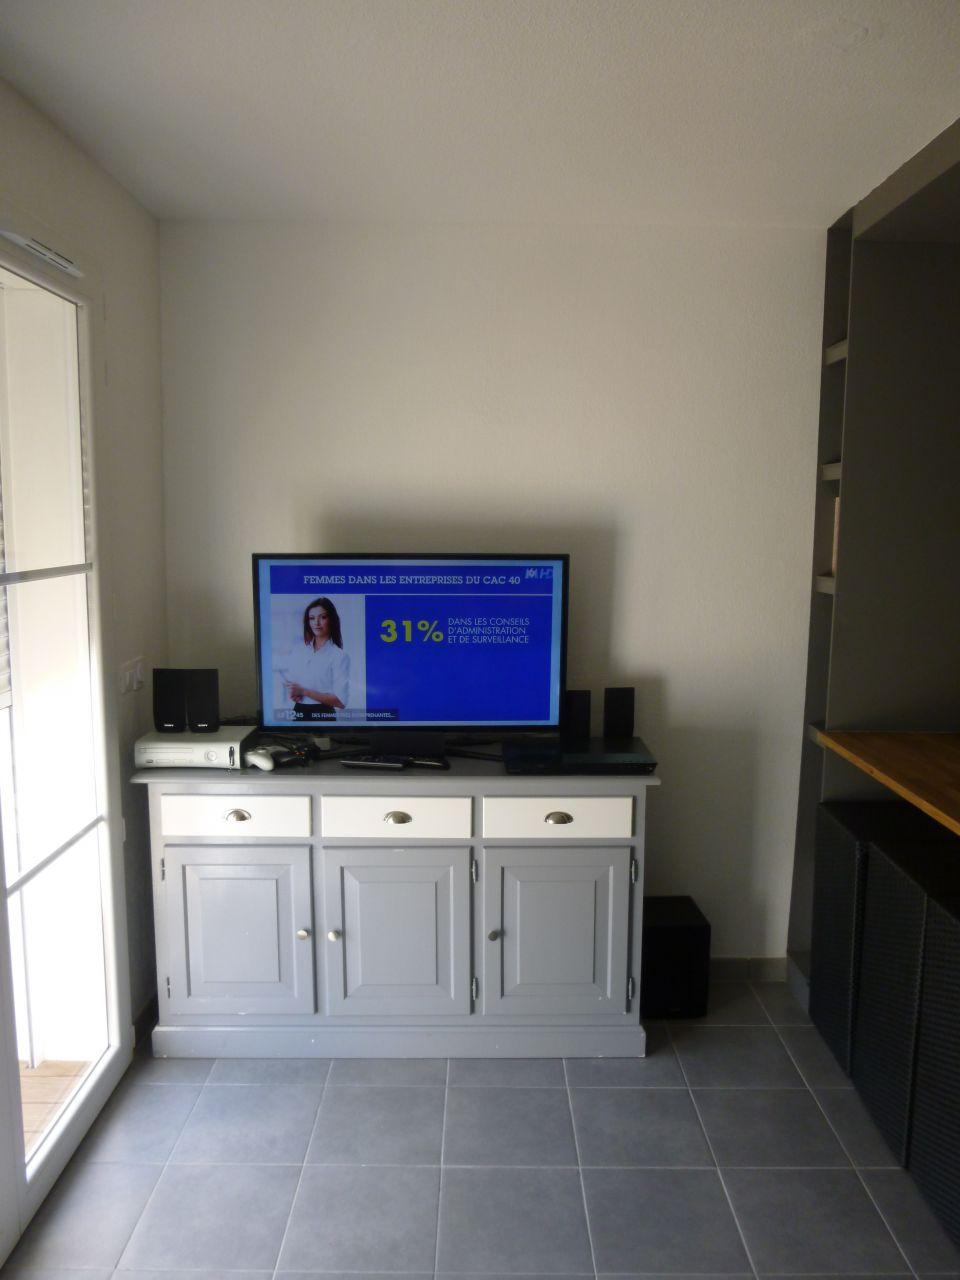 je sèche pour le coin TV, pas d'idée pour le moment sachant qu'a droite c'est la cuisine. <br /> Je pensais à une armature placo pour suspendre et passer les cables avec halo led et cacher les équipements (lecteurs etc)